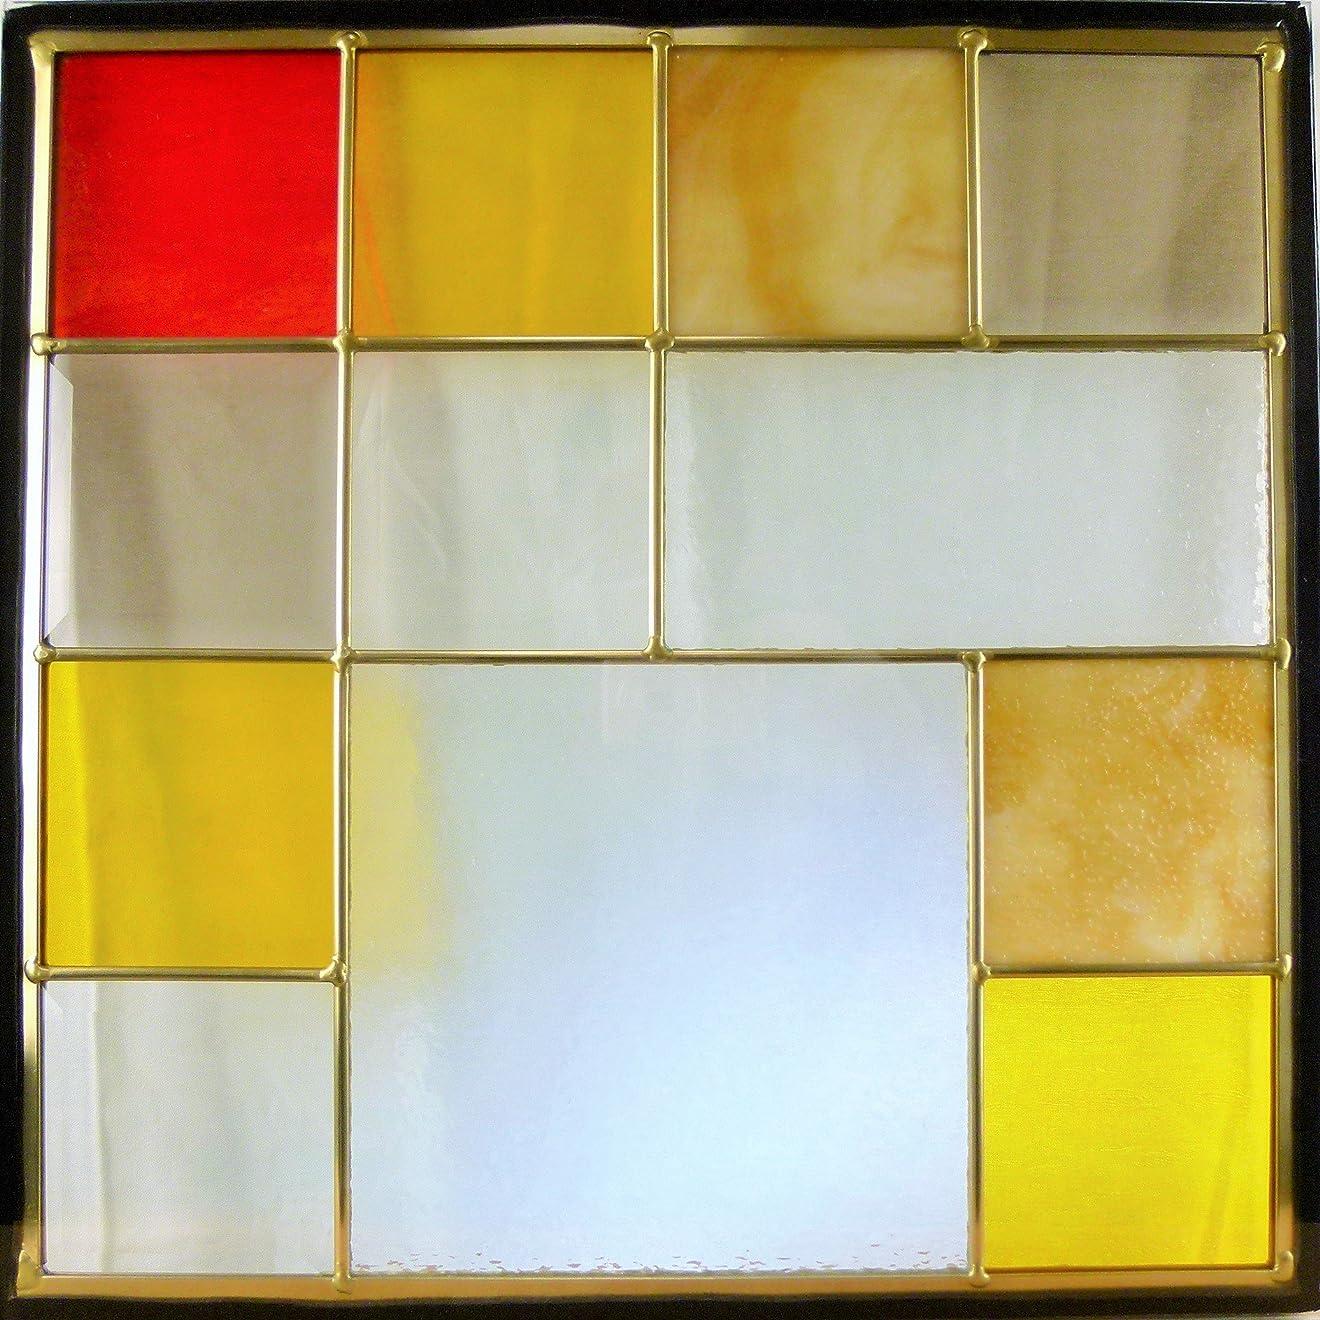 ページェント資本恵みステンドガラス窓ドア壁材料三層デザインパネルハンドメイド手作り高級ステンドグラスsgsq431